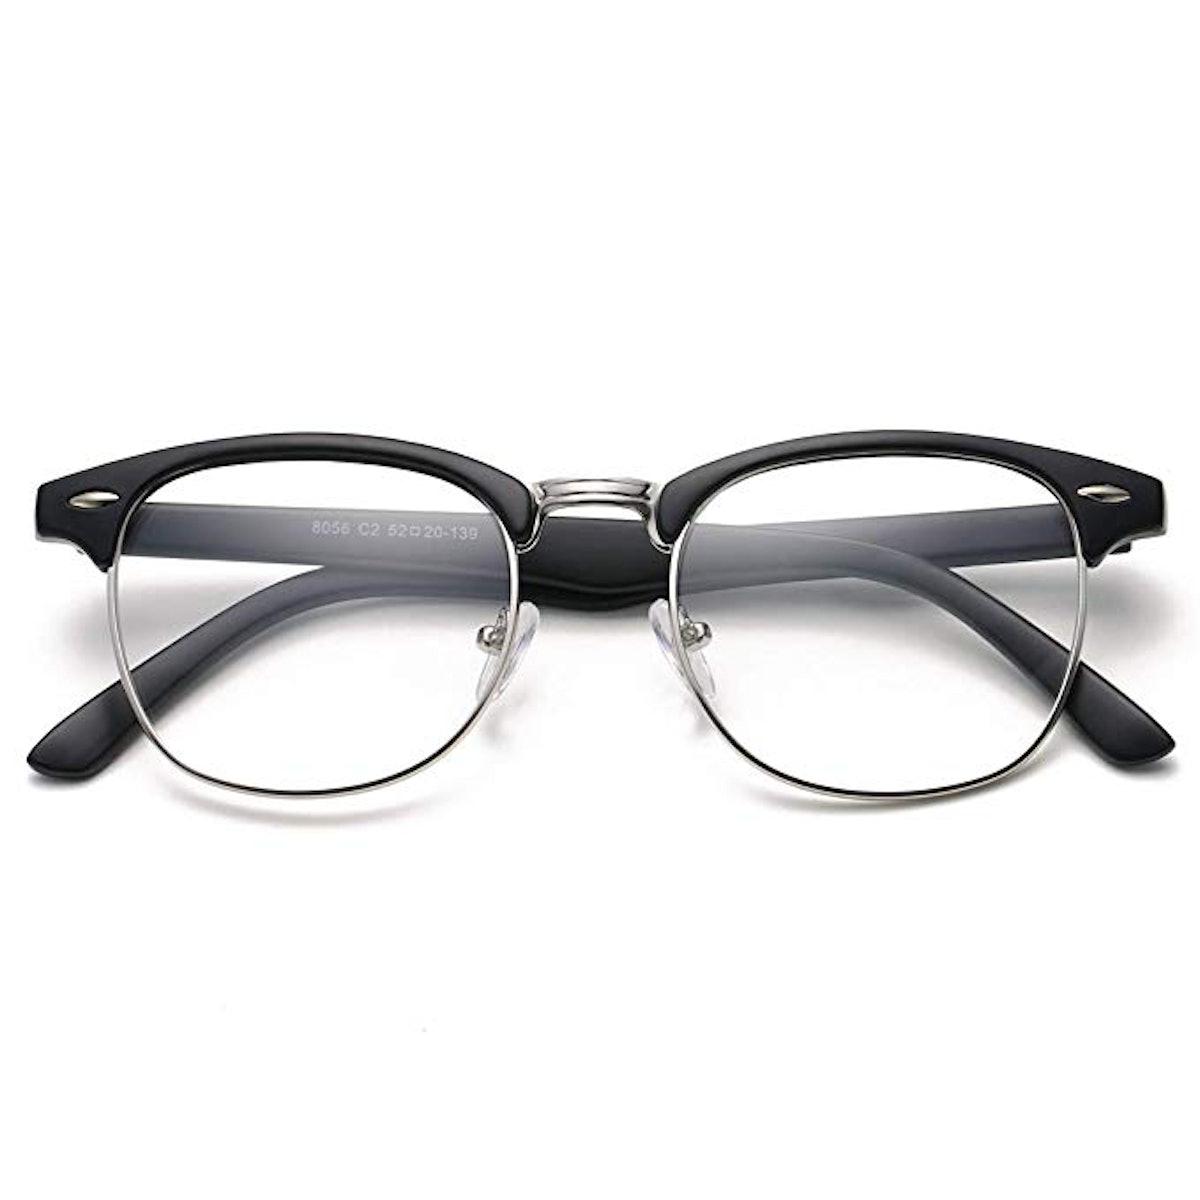 COASION Vintage Semi-Rimless Clear Glasses Fake Horn Rimmed Eyeglasses Frame